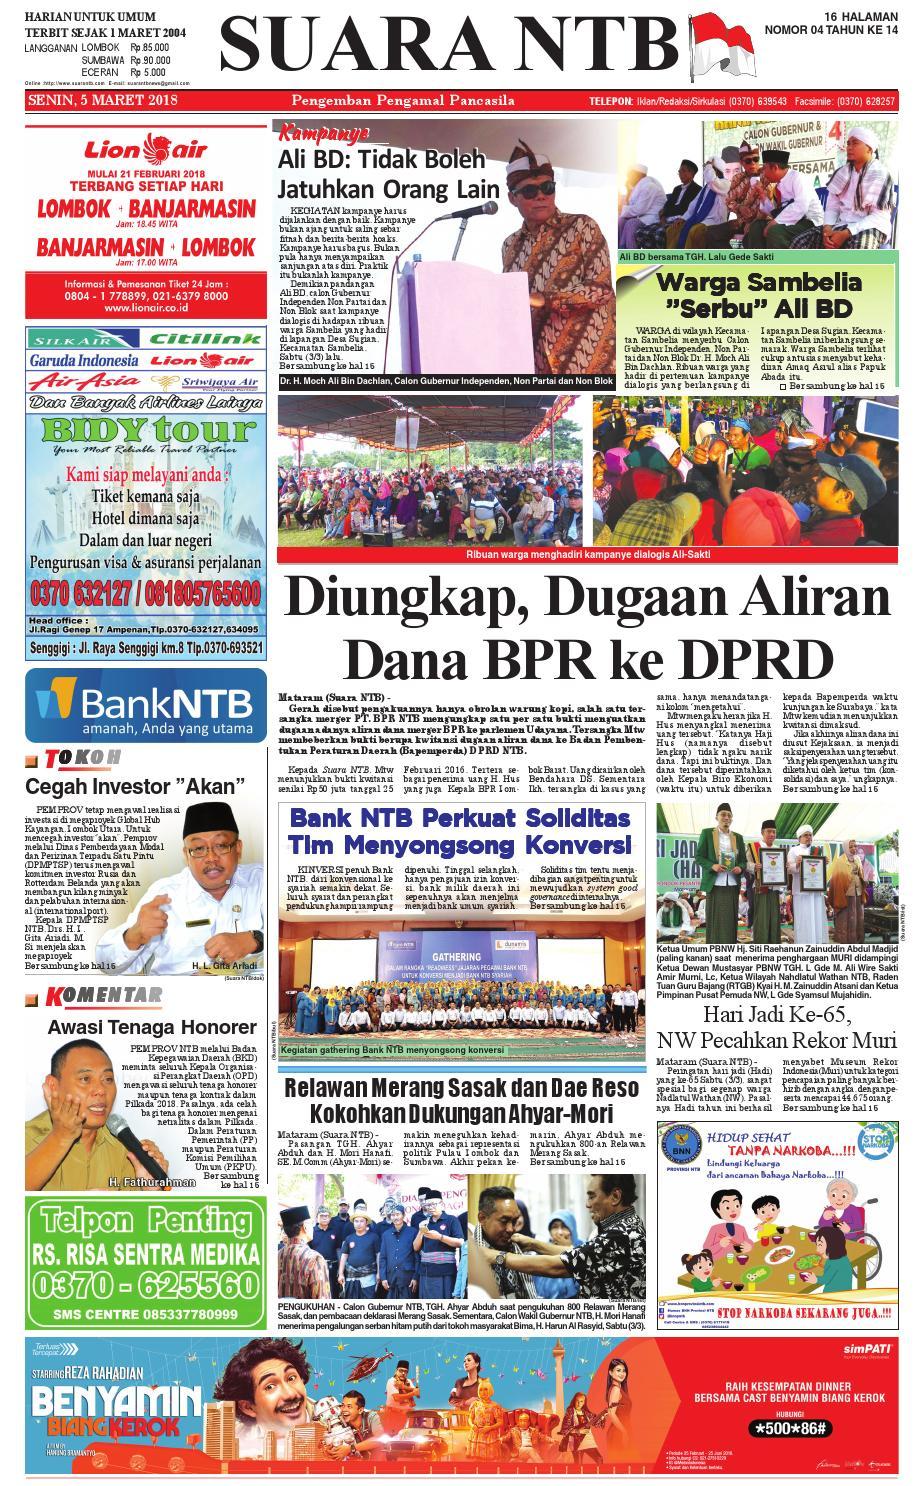 Edisi Senin 05 Maret 2018 Suara Ntb Paper Kmb Issuu